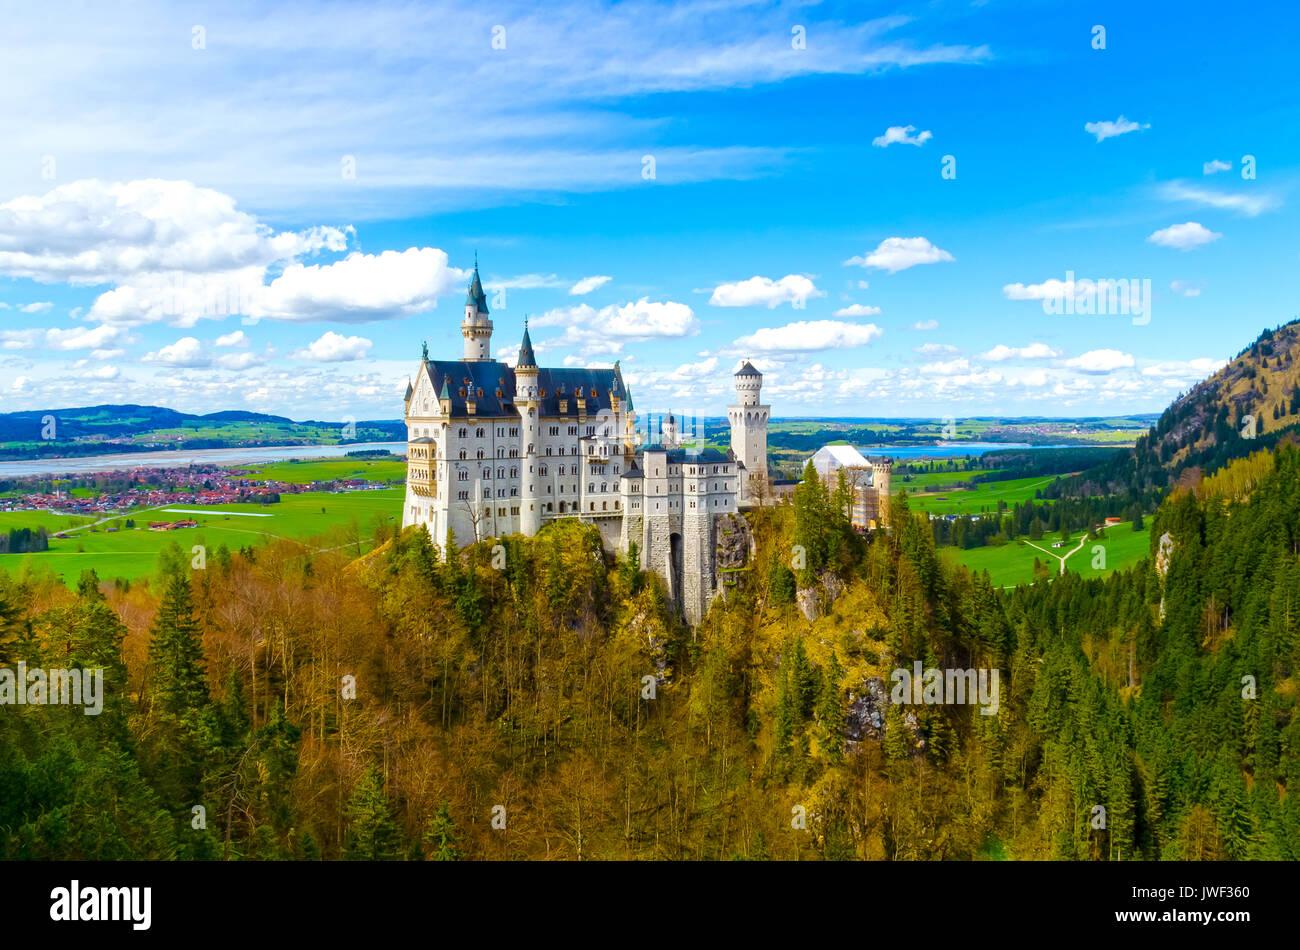 Vue de la célèbre attraction touristique dans les Alpes bavaroises - le 19e siècle le château de Neuschwanstein. Photo Stock